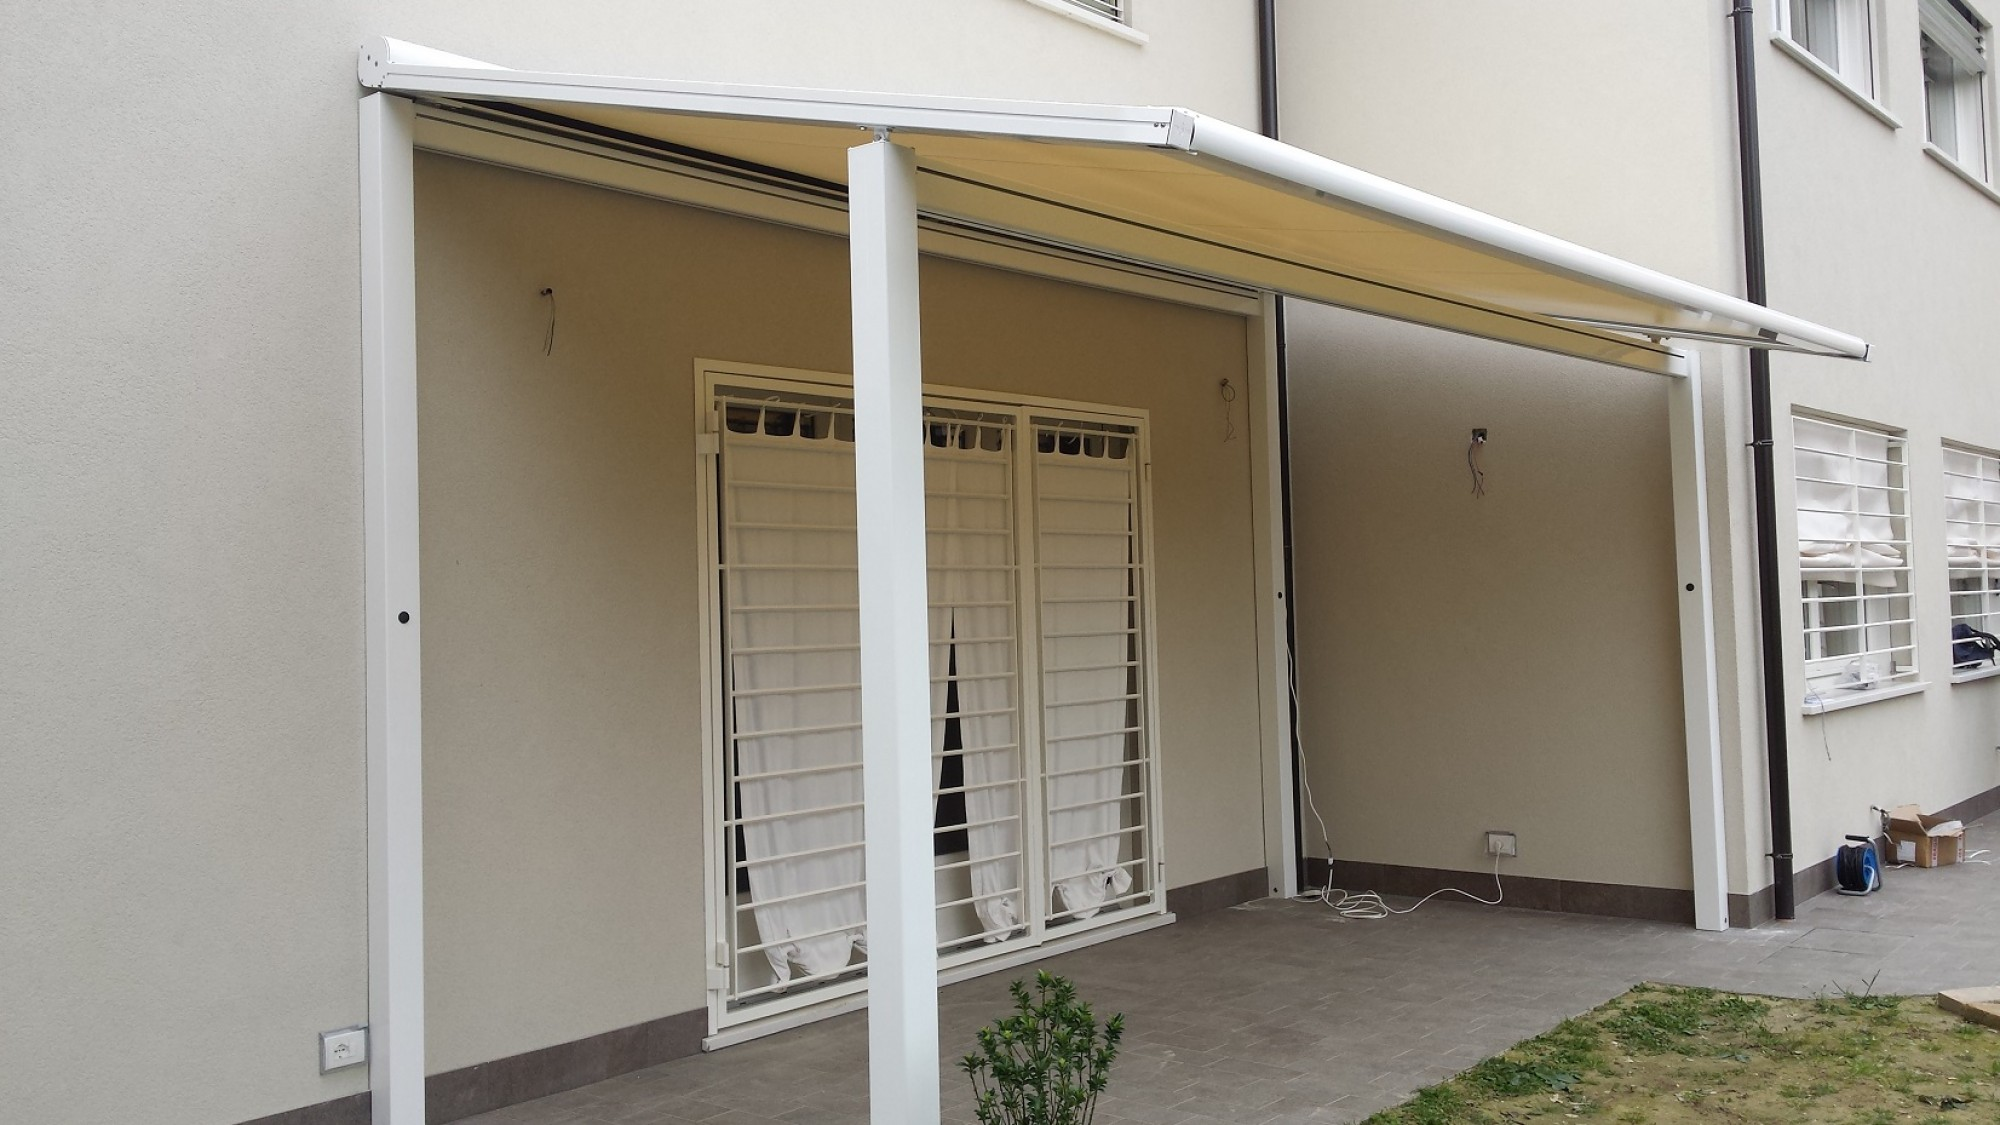 Soluzione su misura per la casa dell'architetto